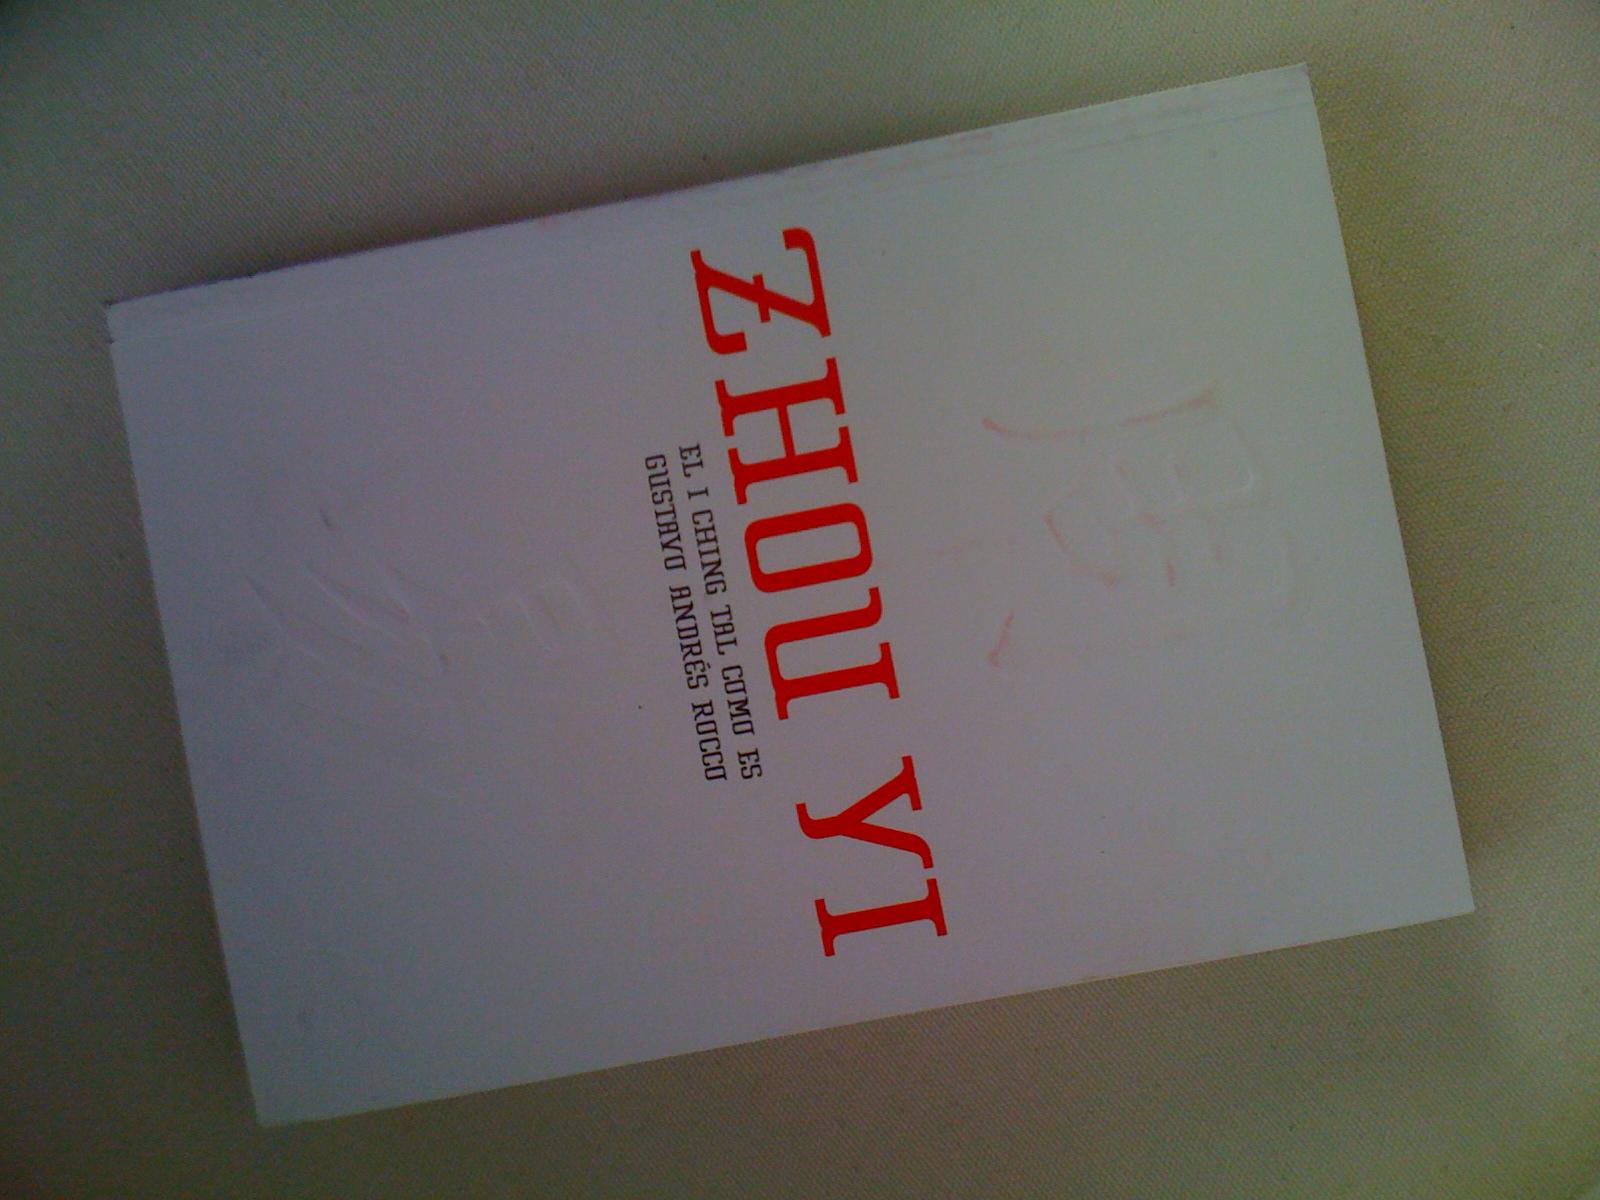 Capa do livro Zhou Yi, sobre o I Ching, o Livro das Mutações